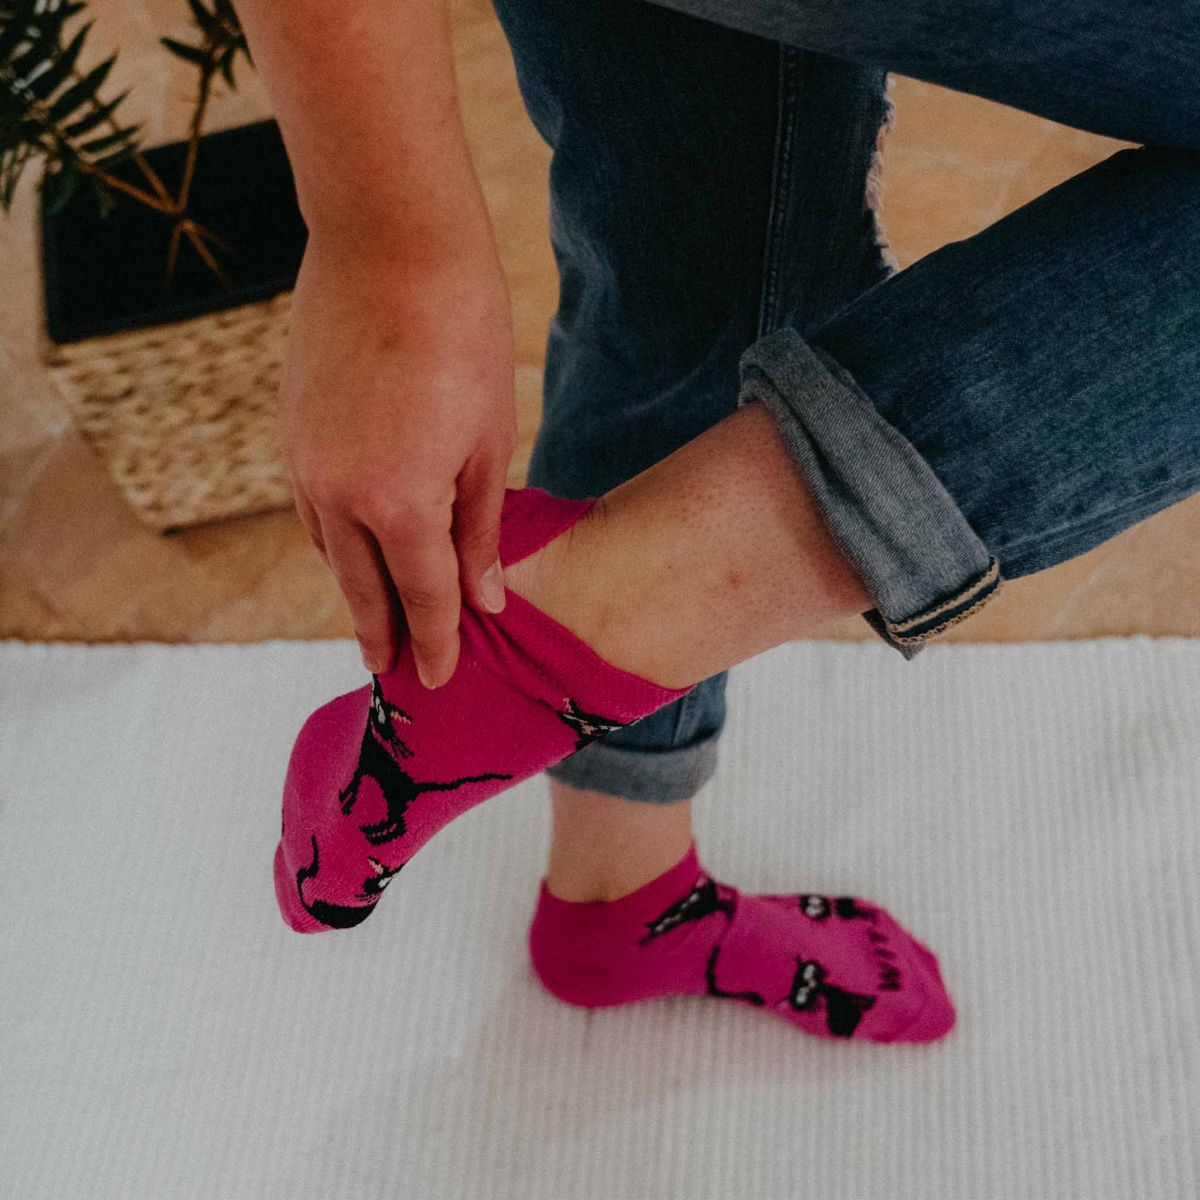 Ponožky - Kočka magenta nízké